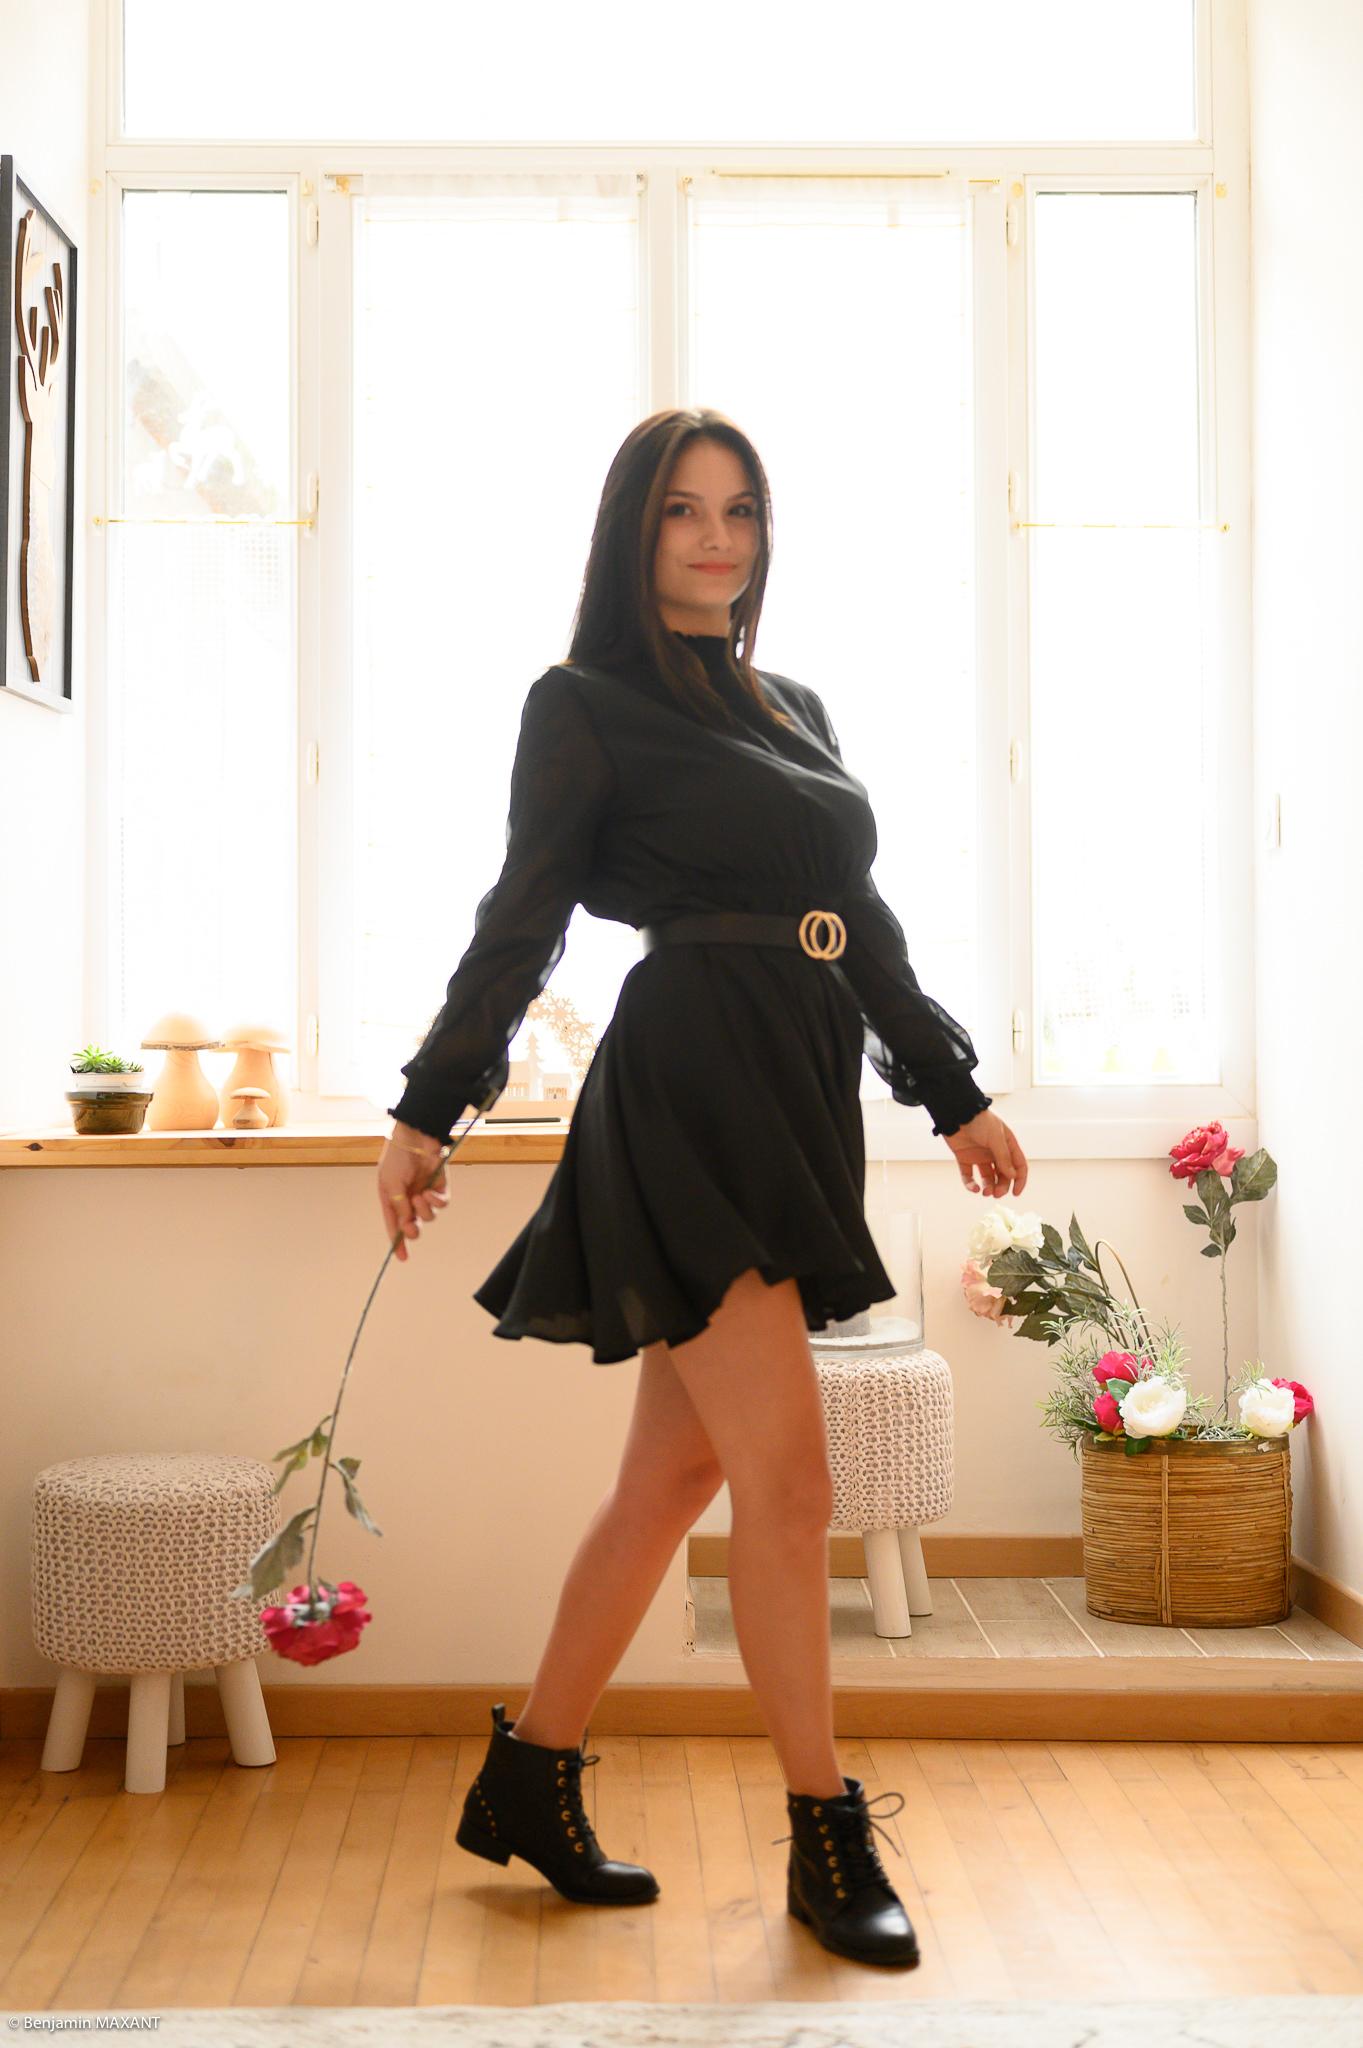 Séance photo boudoir robe noire démarche chaloupée